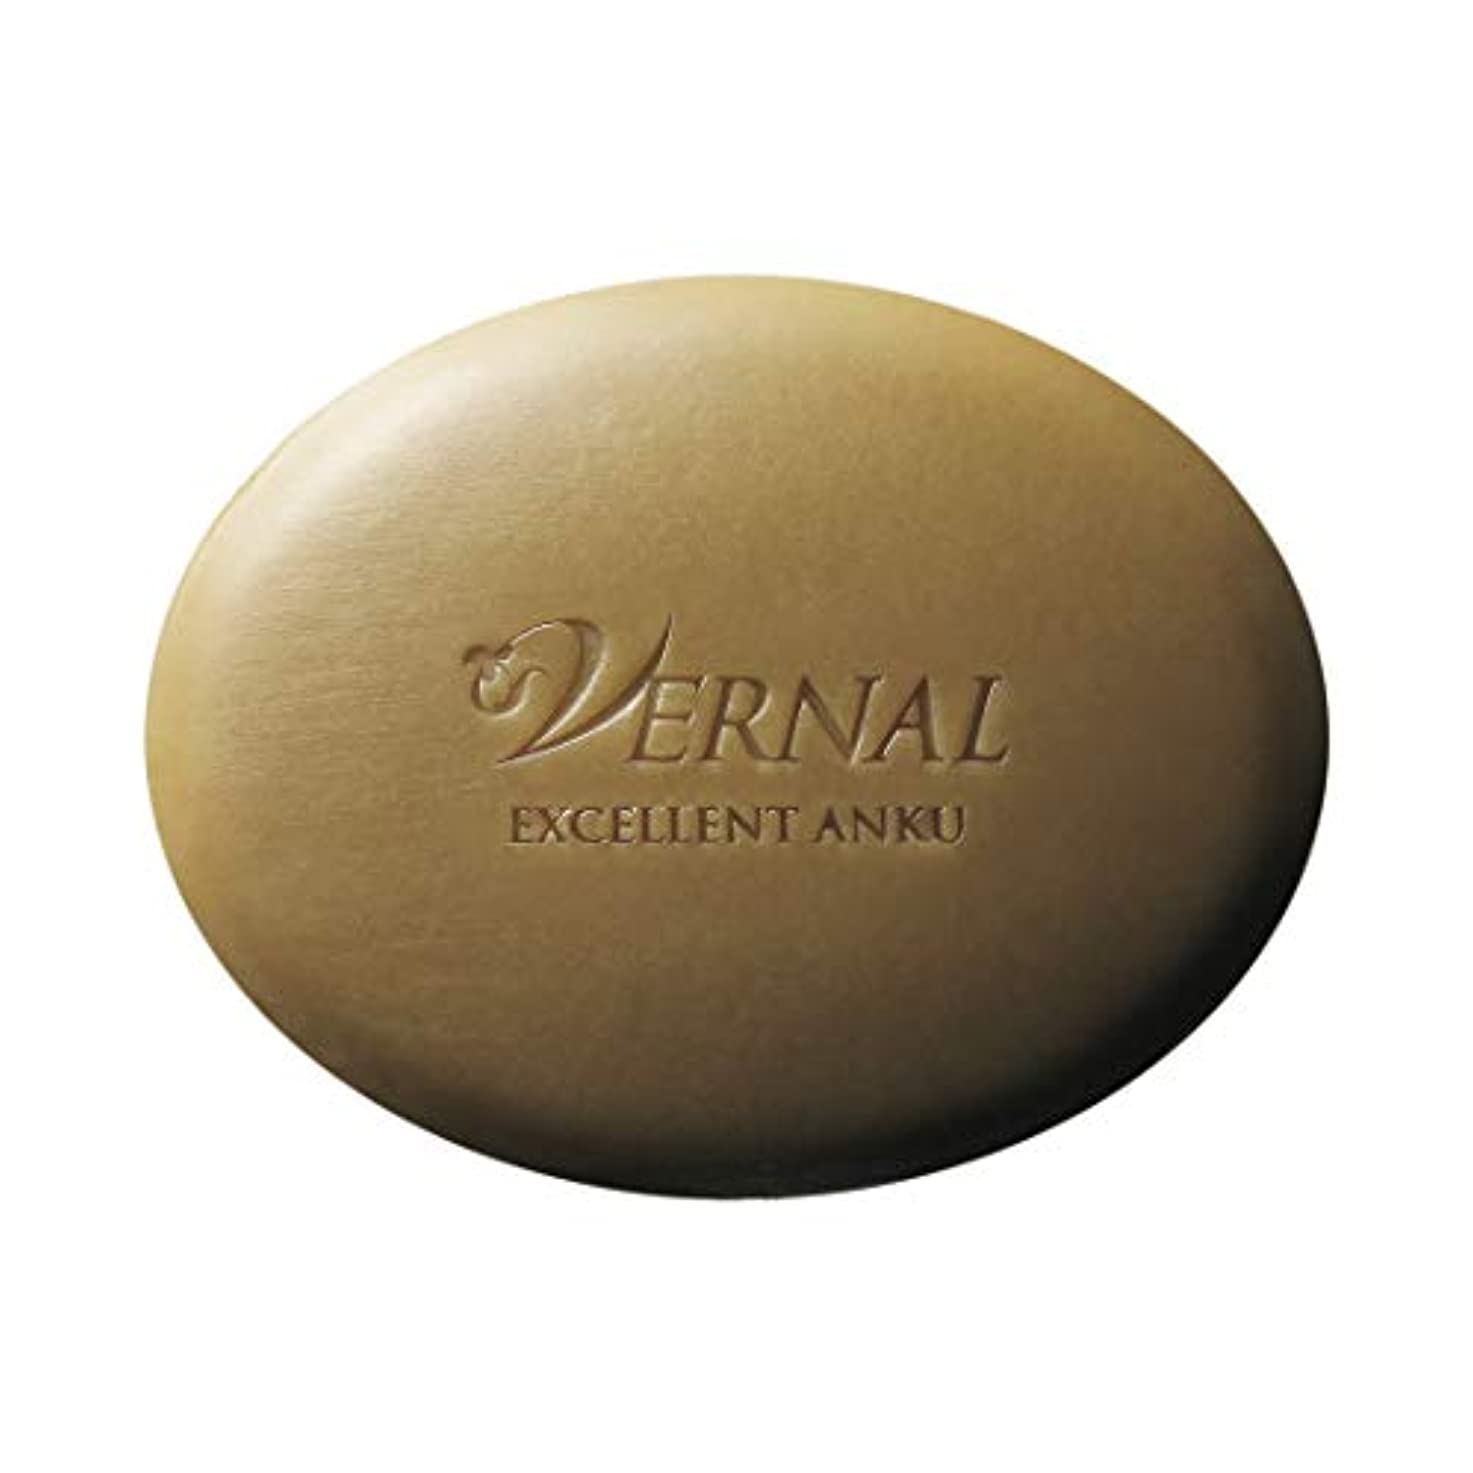 フェザークランプそこエクセレントアンク110g/ヴァーナル 洗顔石鹸 クレンジング石鹸